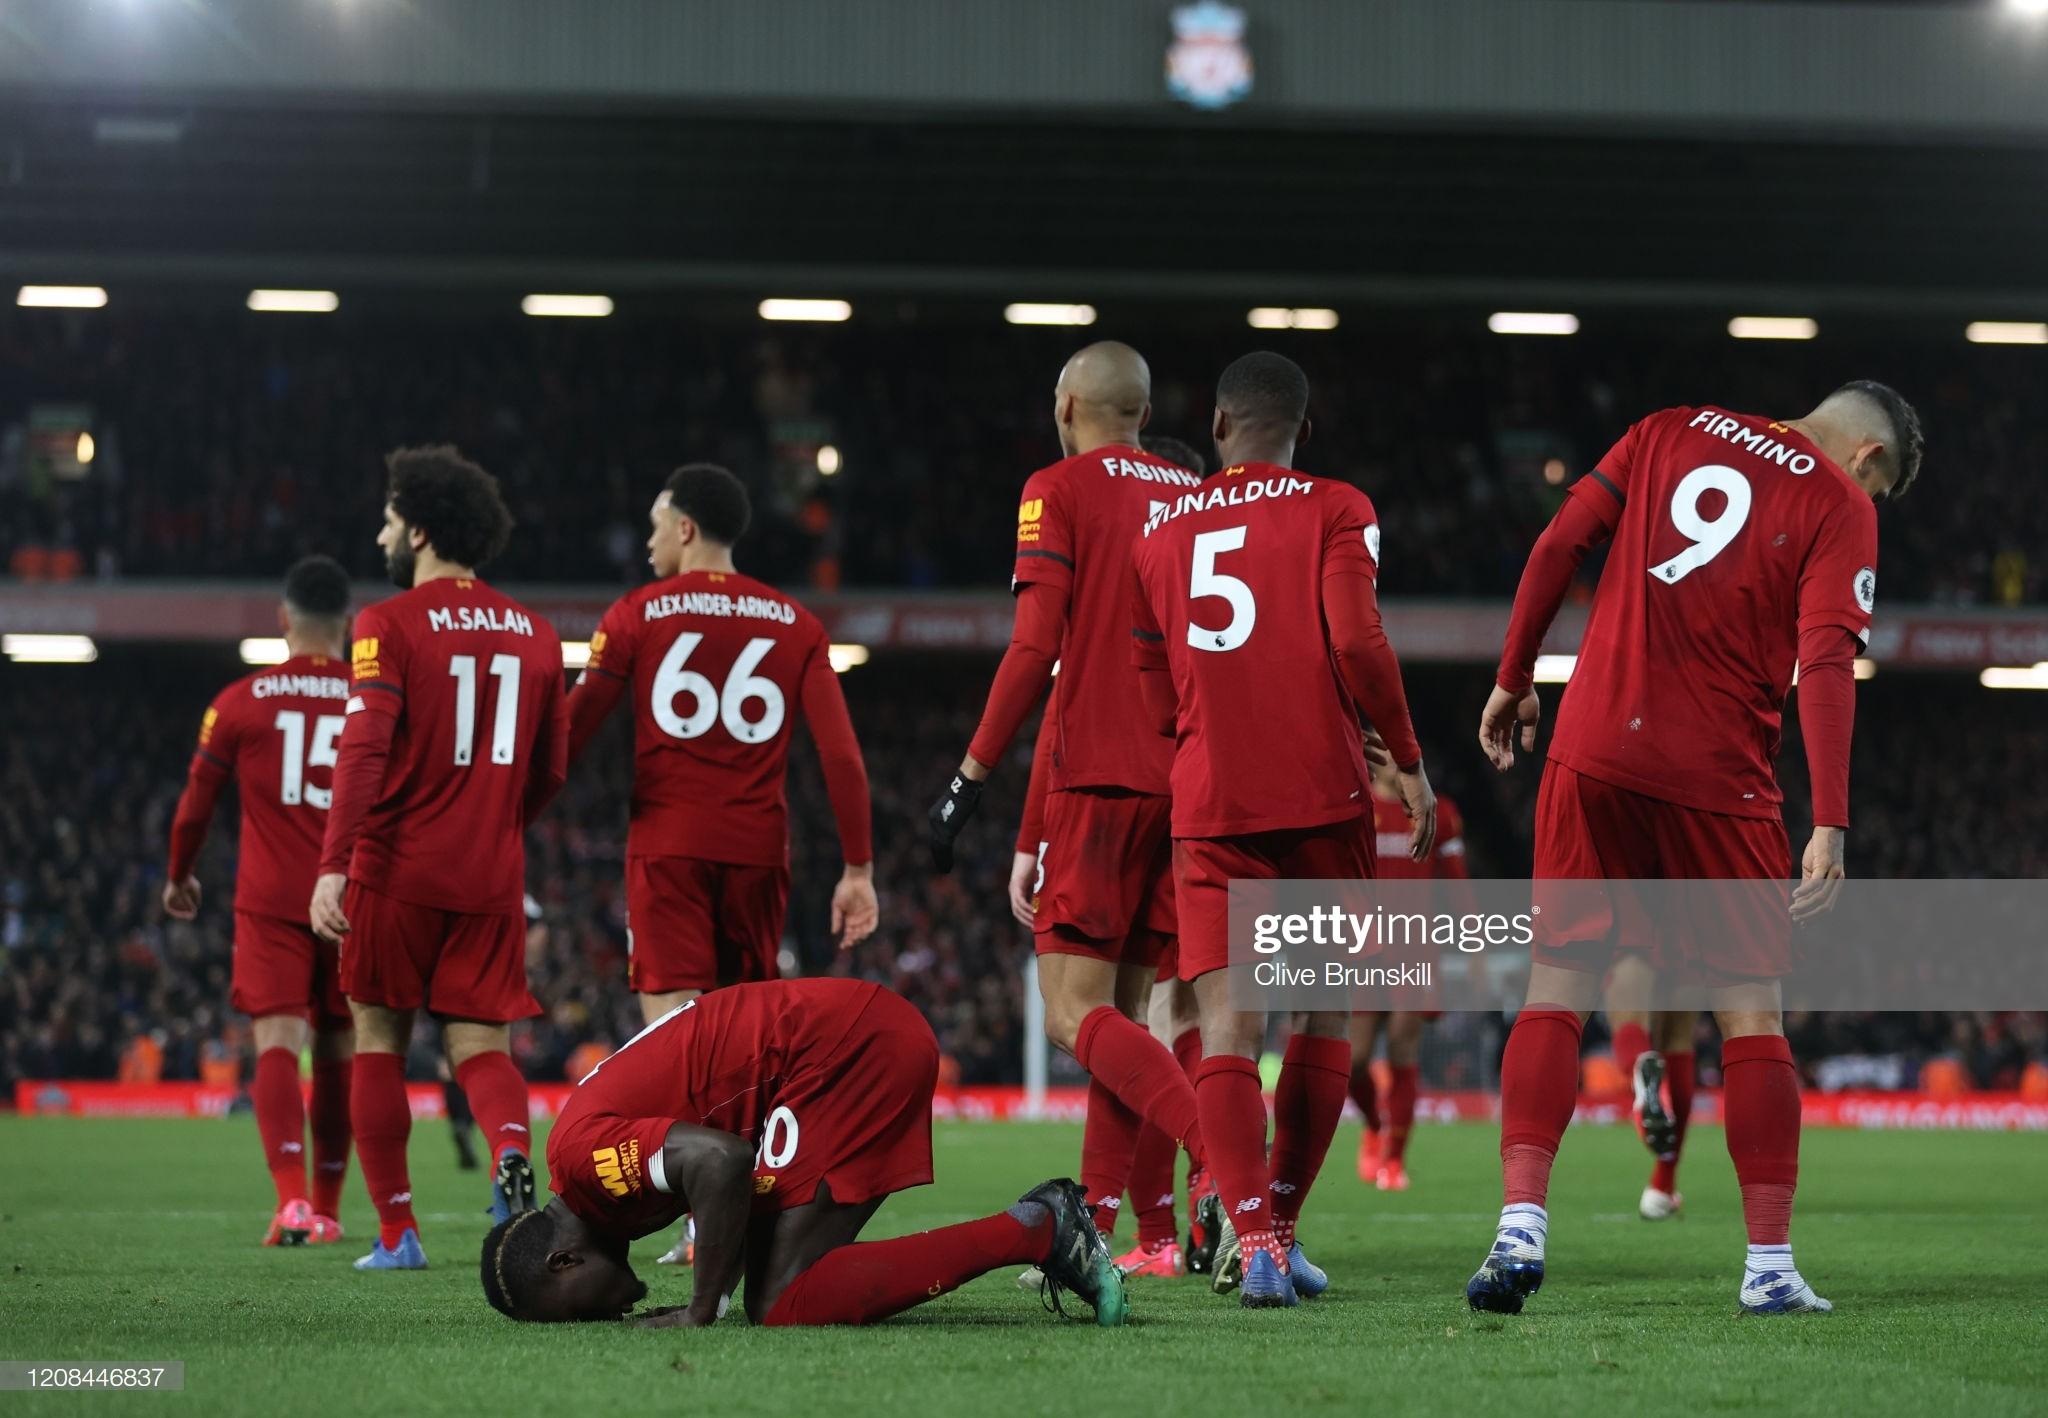 Liverpool : en sauveurs, Mané et Salah offrent un record aux Reds !